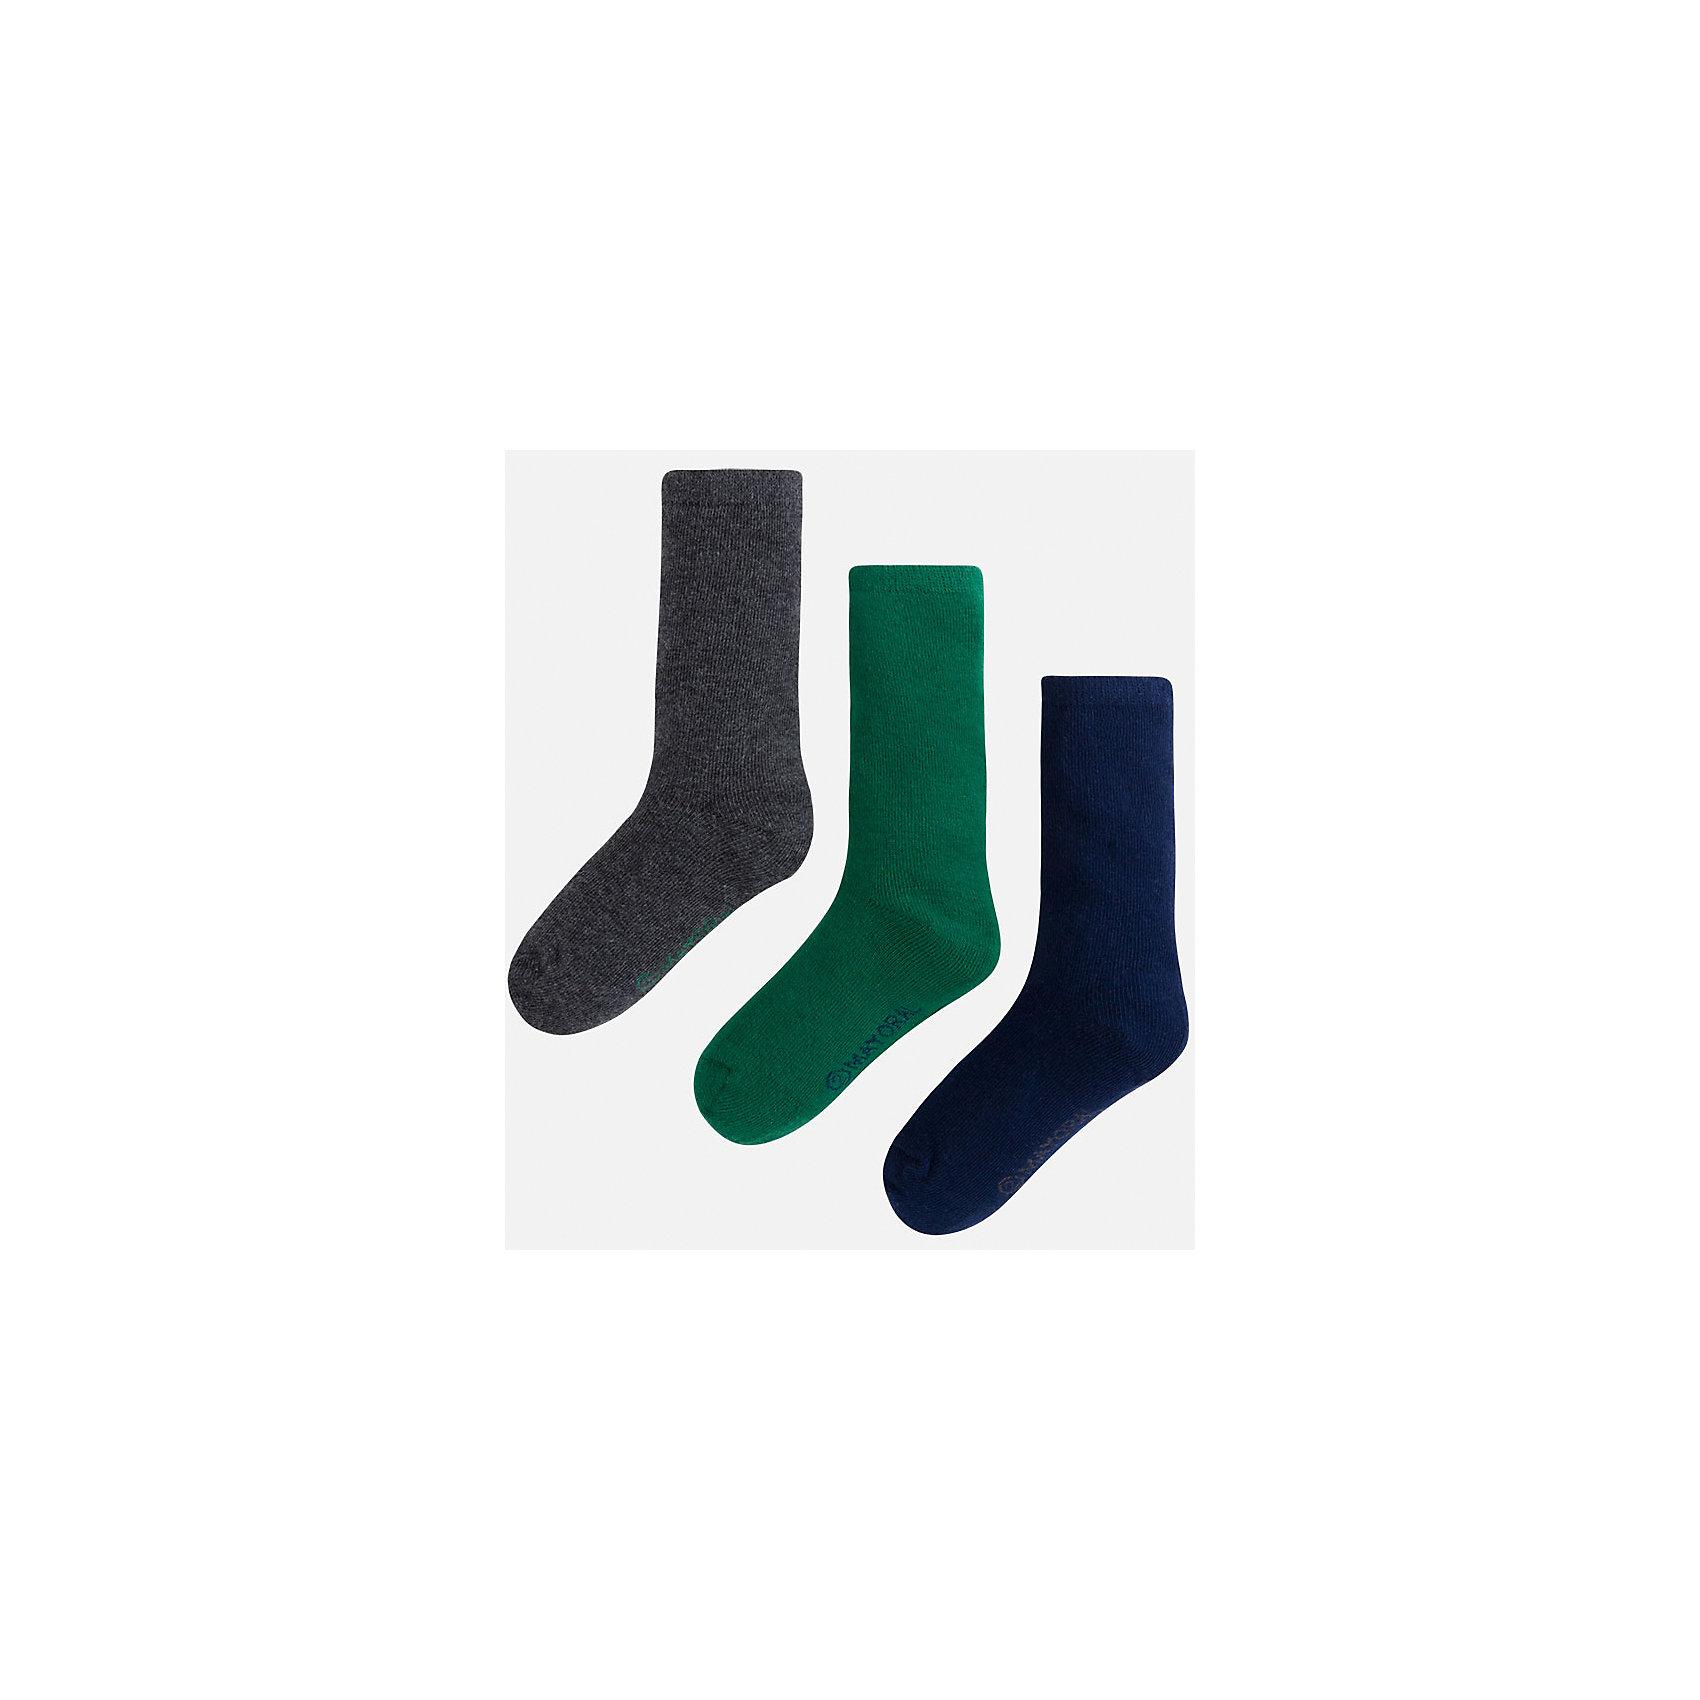 Носки для мальчика, 3 парыНоски<br>Комплект из 3 пар носков для мальчика от известного испанского бренда Mayoral. Изготовлены из качественных и дышащим материалов. Однотонные носки - отличный вариант на каждый день!<br>Дополнительная информация:<br>-цвет: серый; зеленый; темно-синий<br>-состав: 75% хлопок, 23% полиэстер, 2% эластан<br>Комплект носков Mayoral можно приобрести в нашем интернет-магазине.<br><br>Ширина мм: 87<br>Глубина мм: 10<br>Высота мм: 105<br>Вес г: 115<br>Цвет: зеленый<br>Возраст от месяцев: 60<br>Возраст до месяцев: 72<br>Пол: Мужской<br>Возраст: Детский<br>Размер: 6,4,8<br>SKU: 4820157